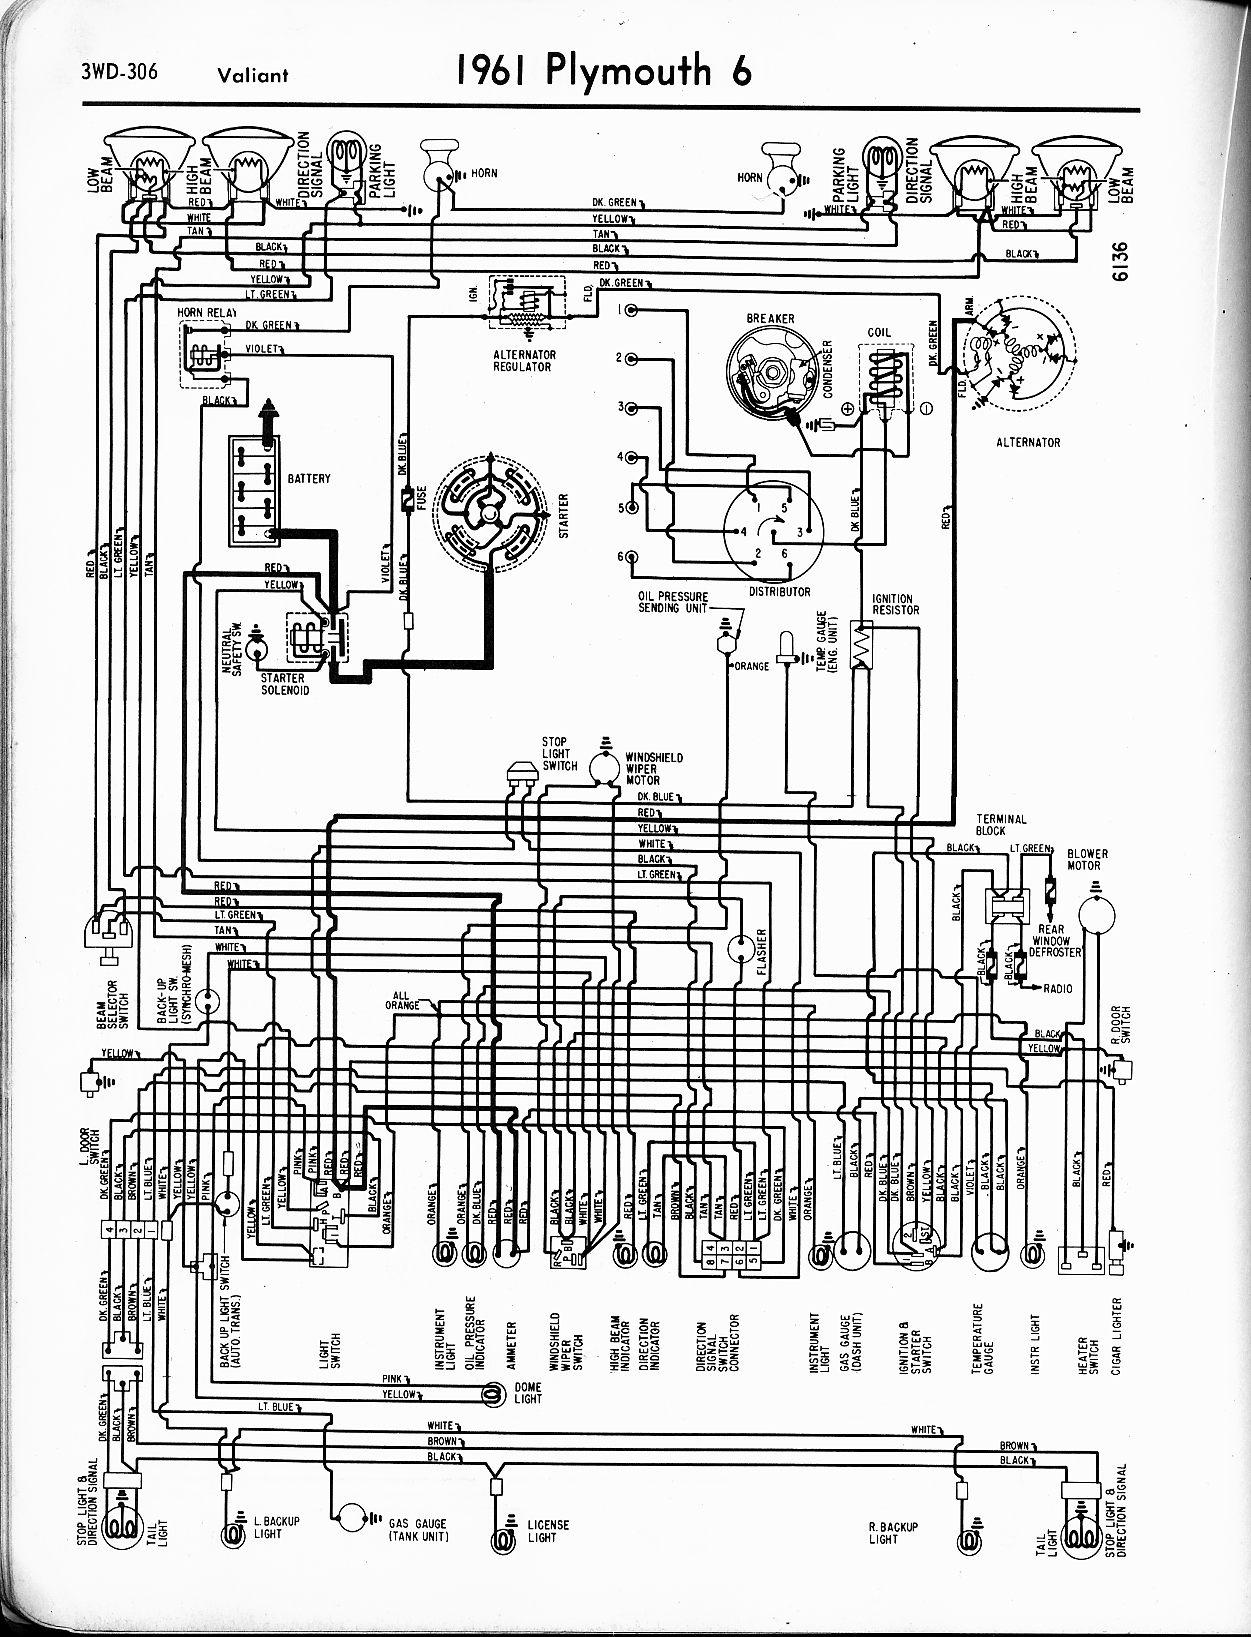 1965 barracuda wiring diagram 11 hyn capecoral bootsvermietung de \u202267 barracuda wiring harness data wiring diagram rh 14 vbn reginaundcaroline de 1964 barracuda 1966 plymouth barracuda